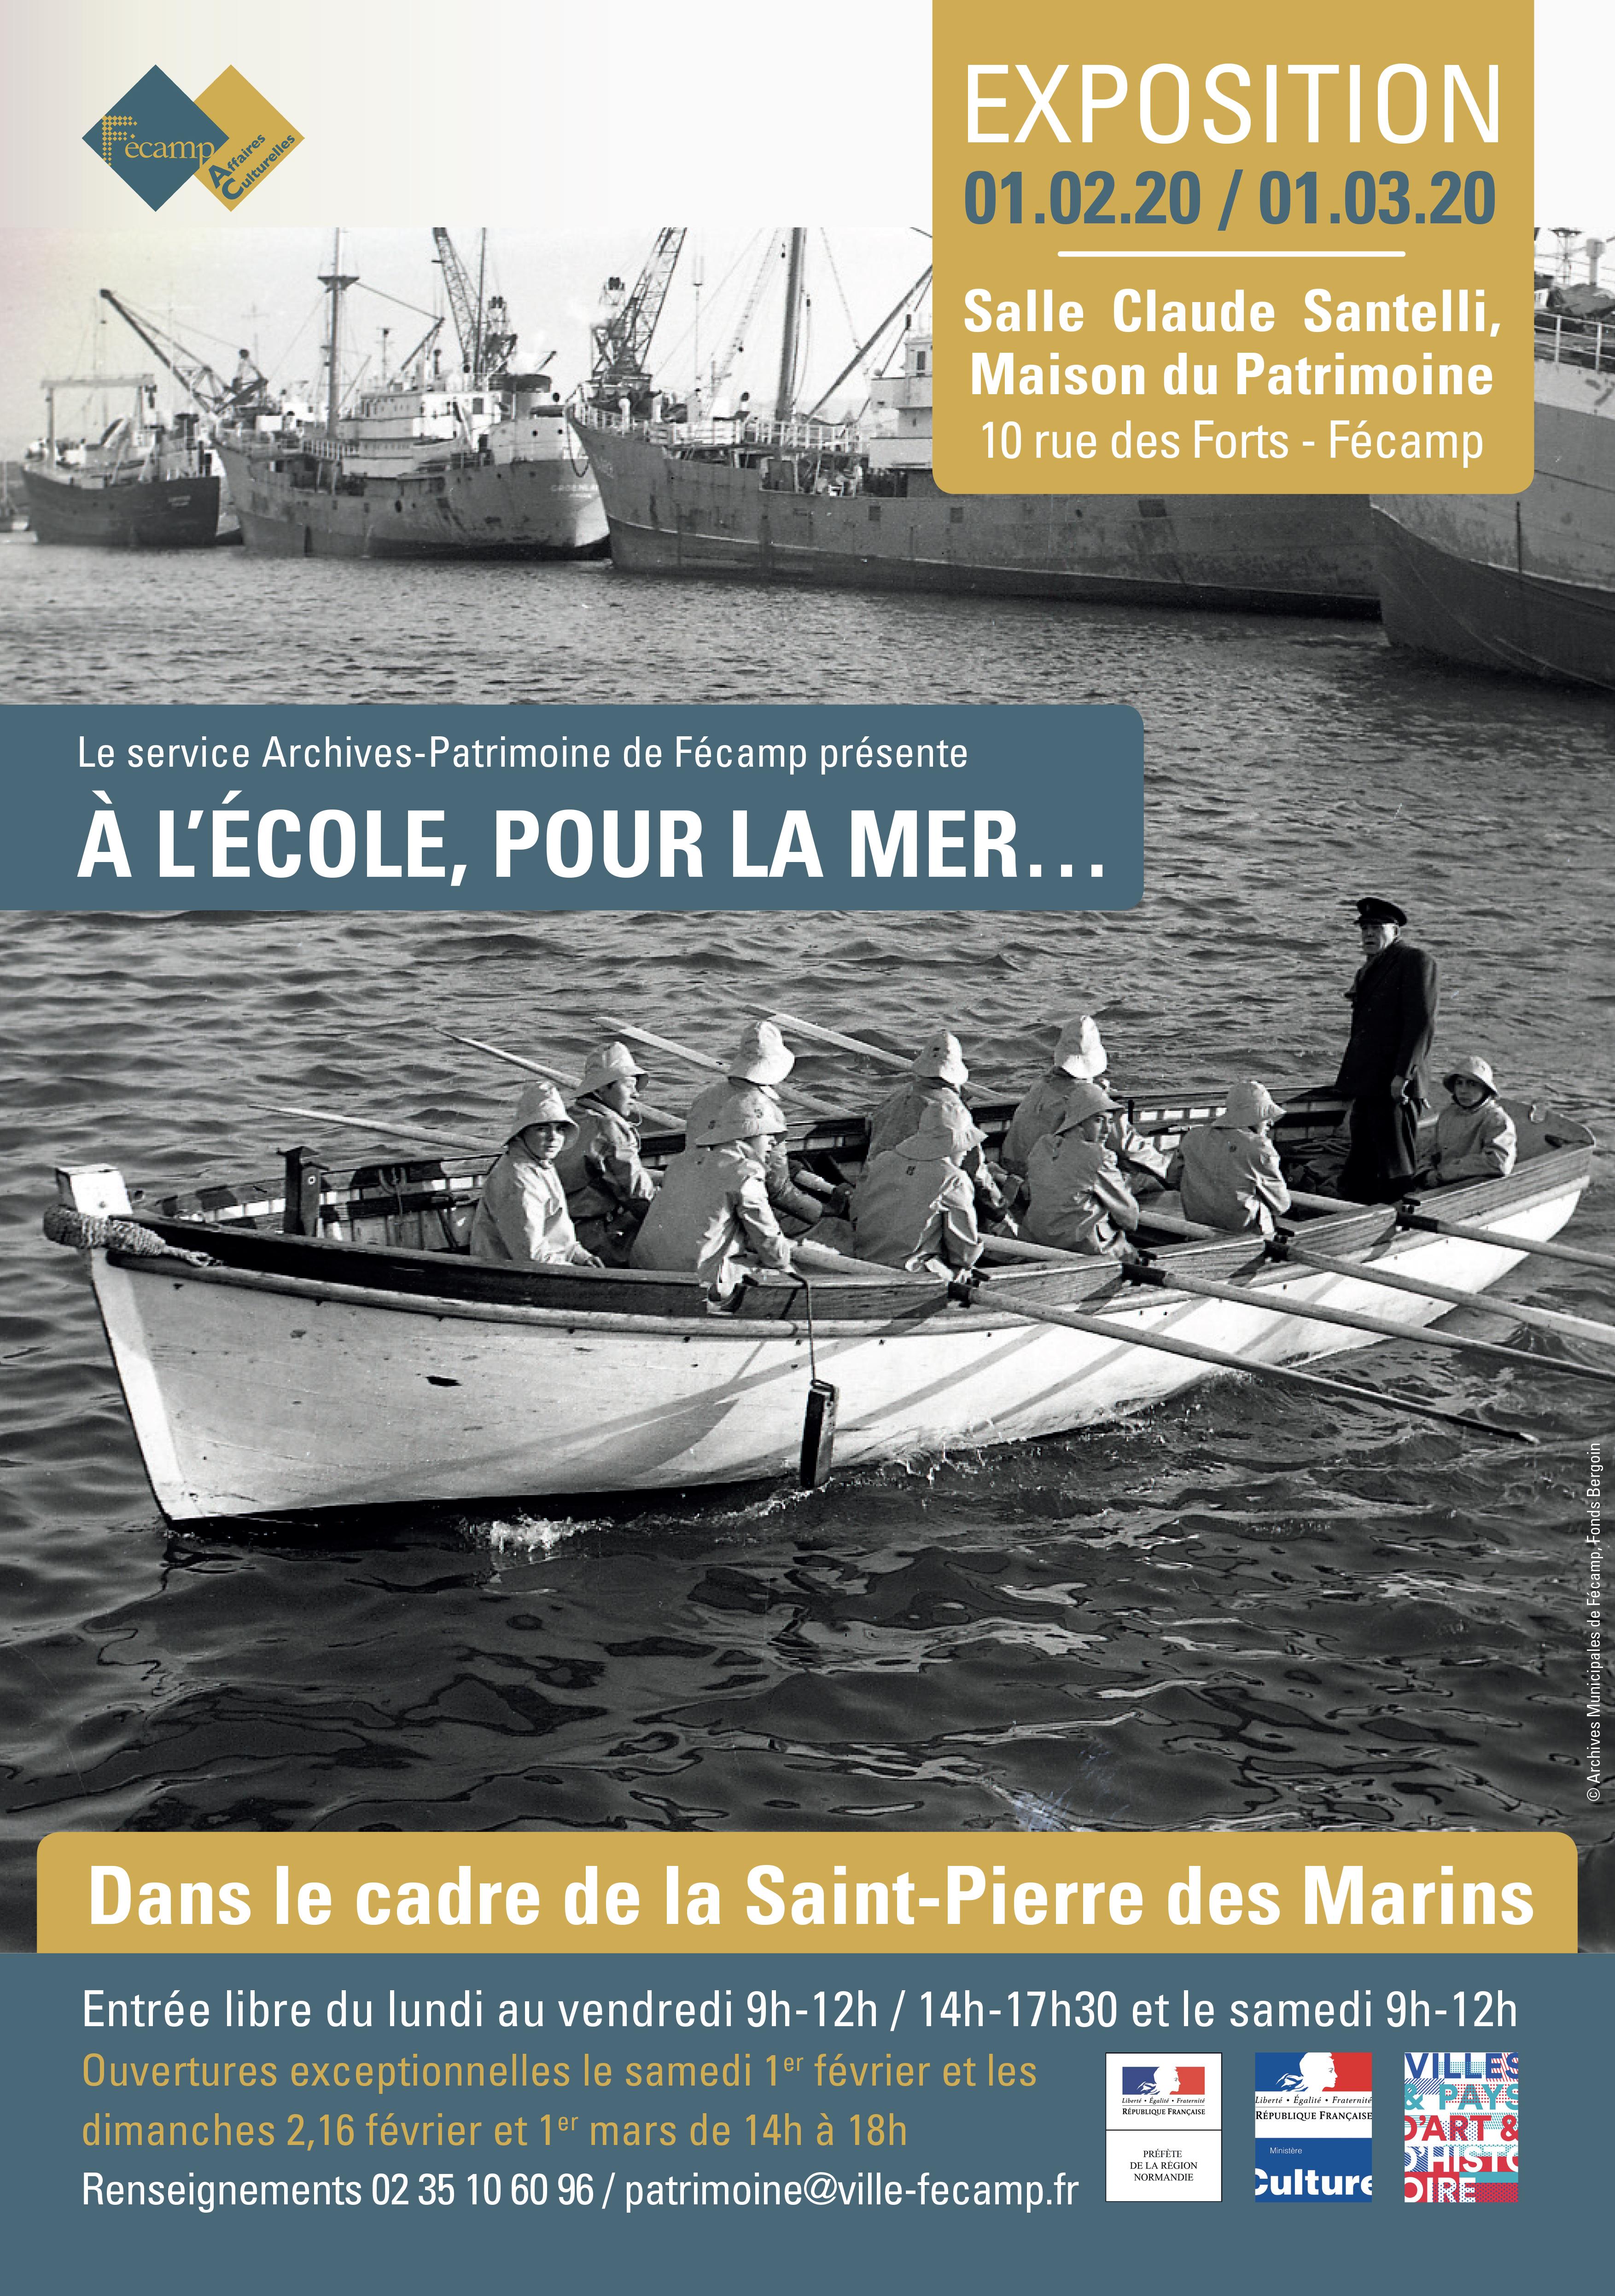 Crédit : ville de Fécamp - service Archives Patrimoine